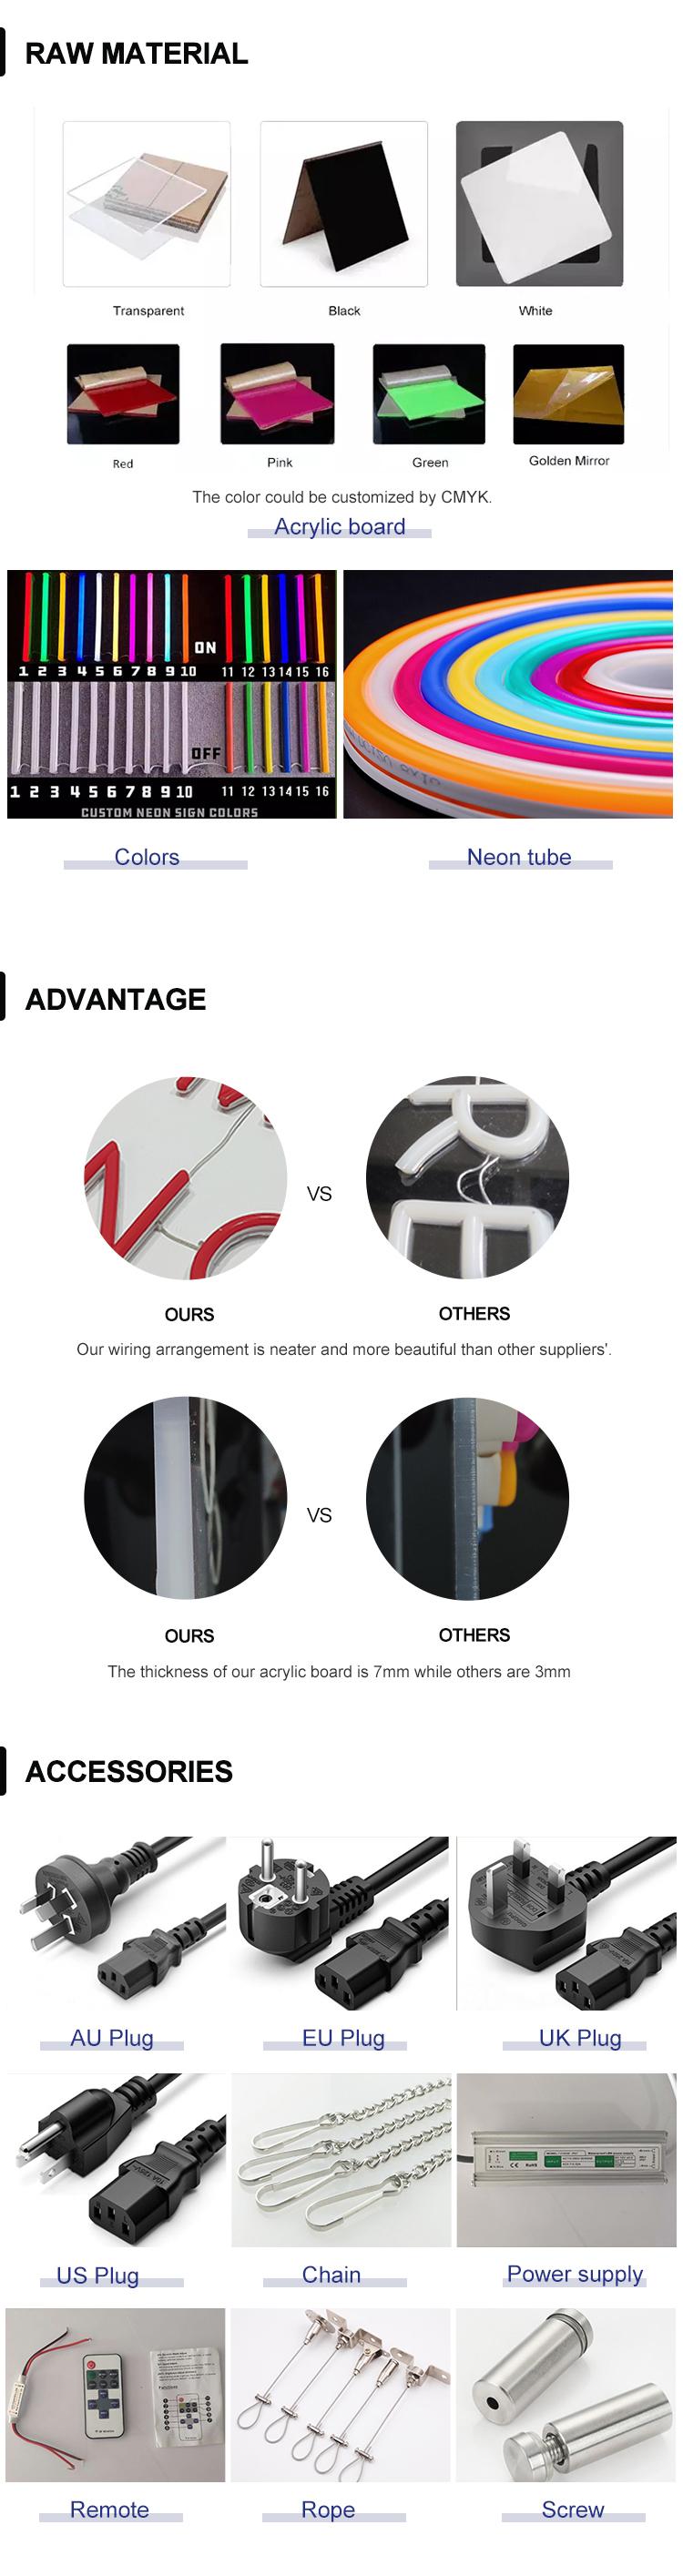 مصنع الجملة حار بيع عالية الجودة داخلي النيون فليكس العلامات شعار مخصص النيون تصميم